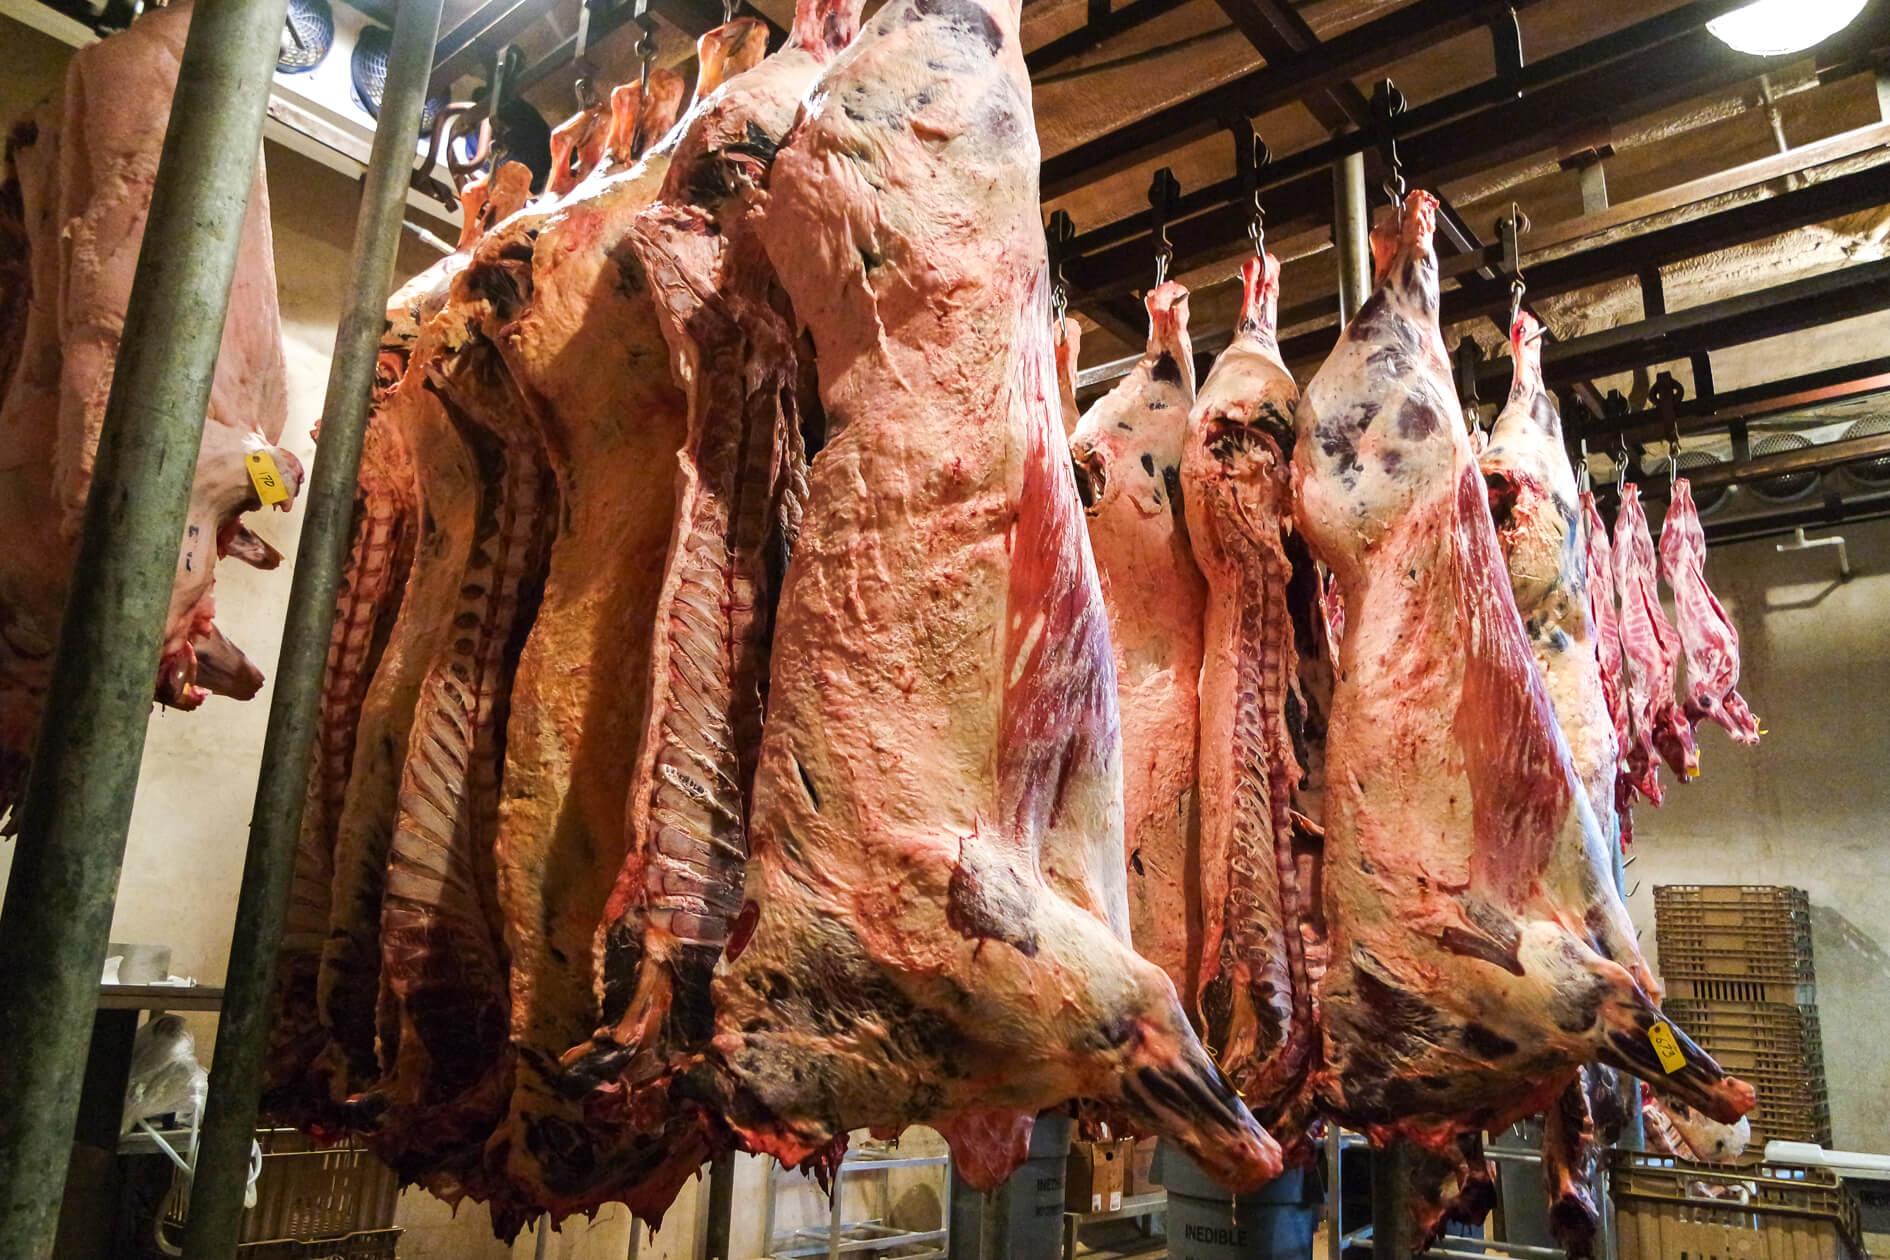 uvalde meat market carcasses